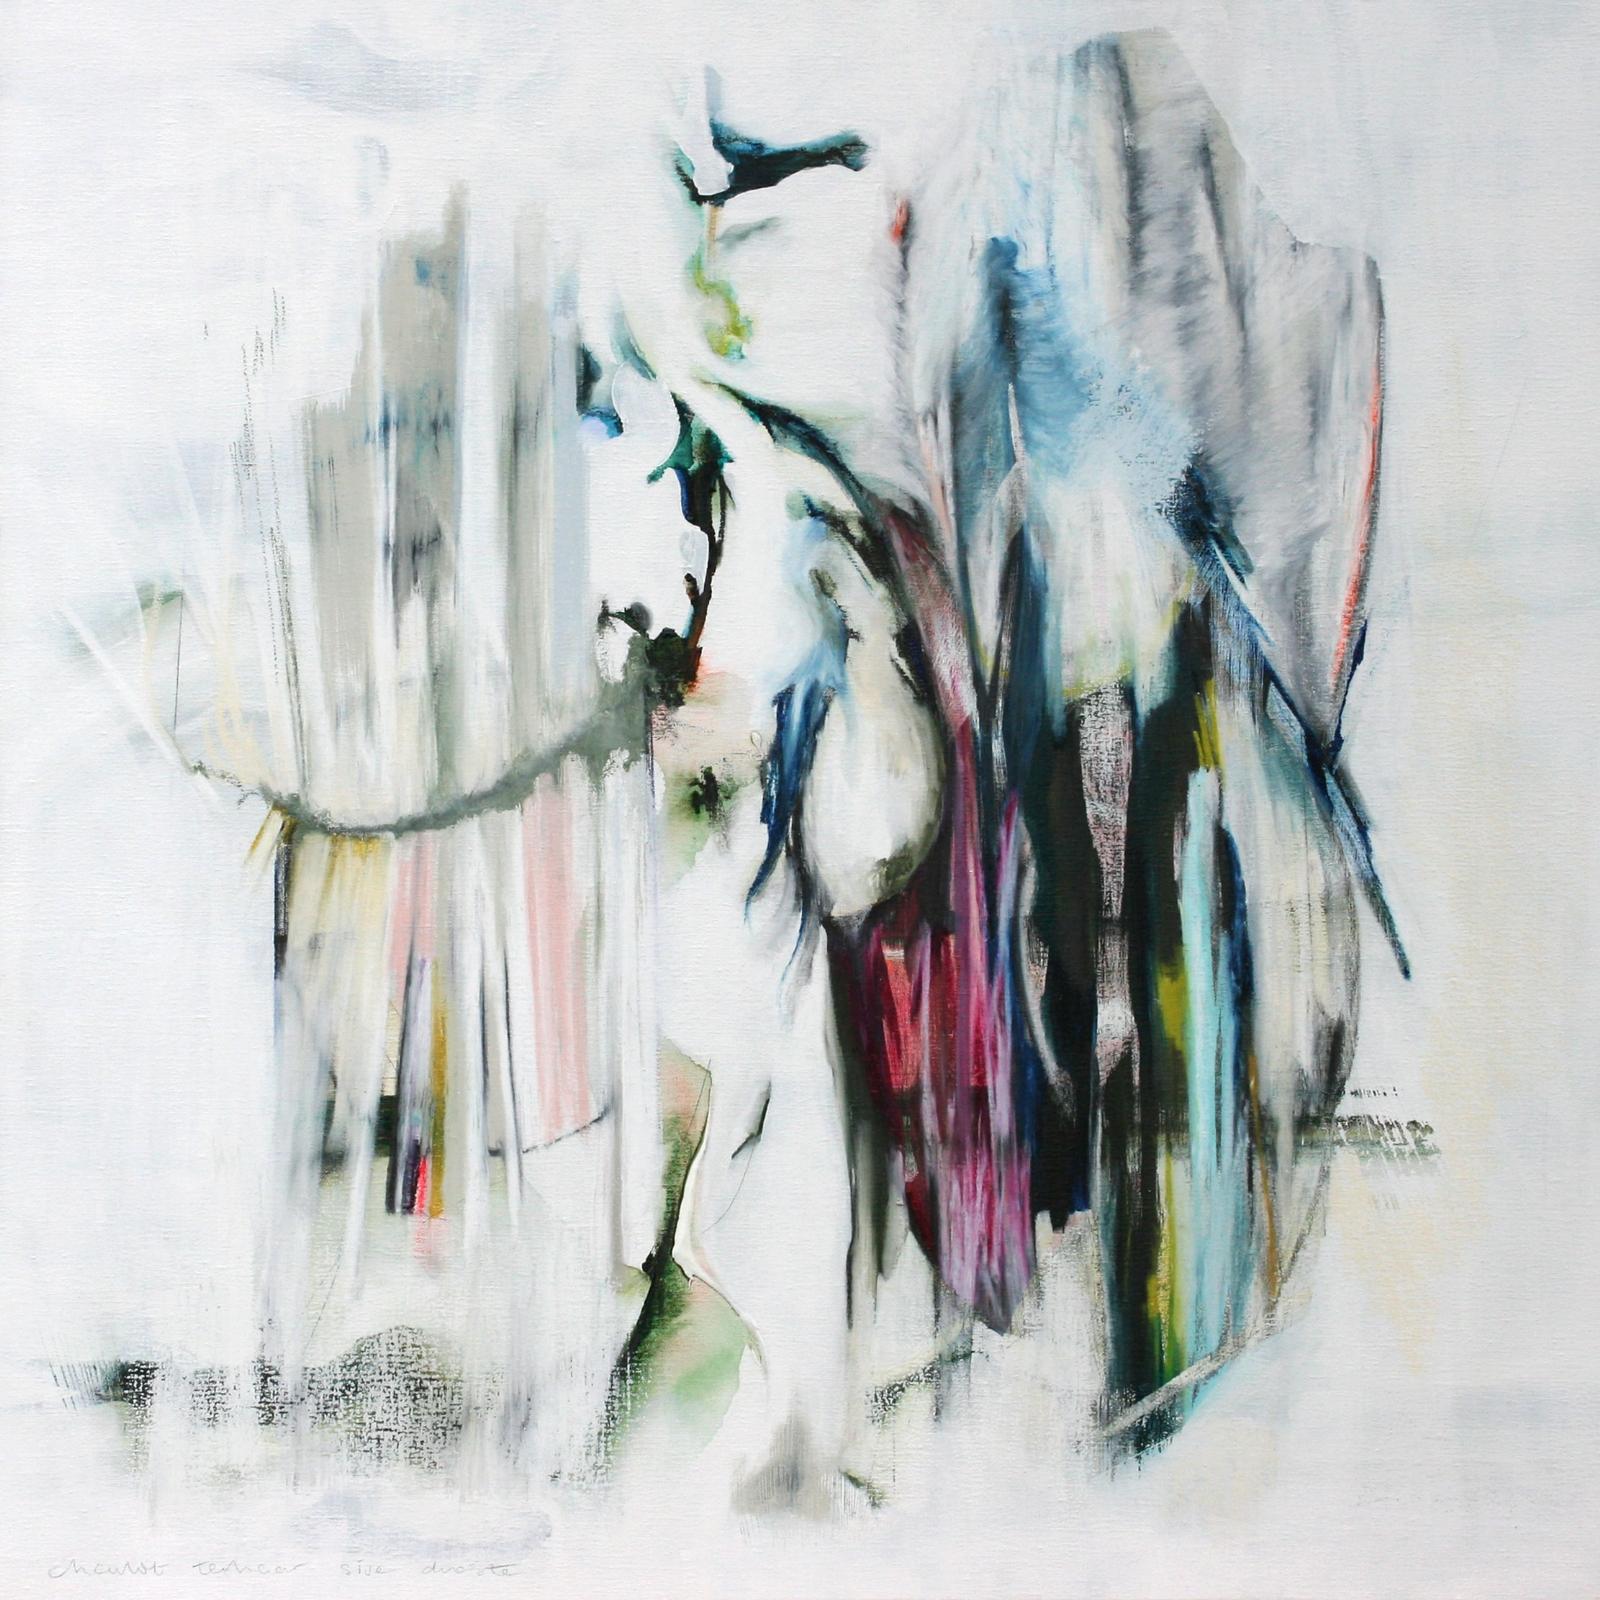 Schilderij #271